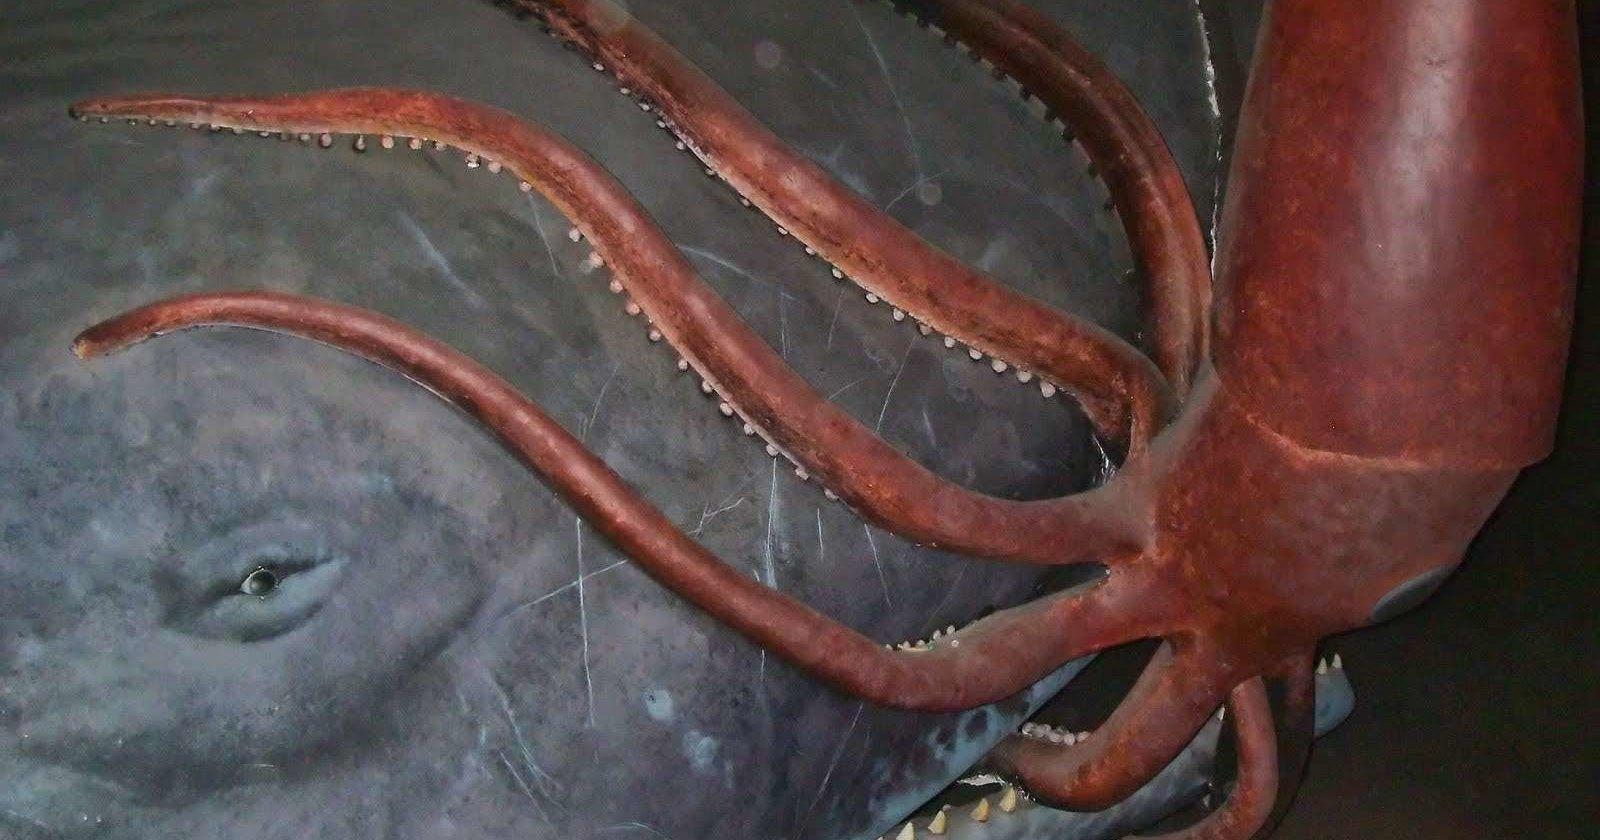 Гигантский кальмар в естественной среде